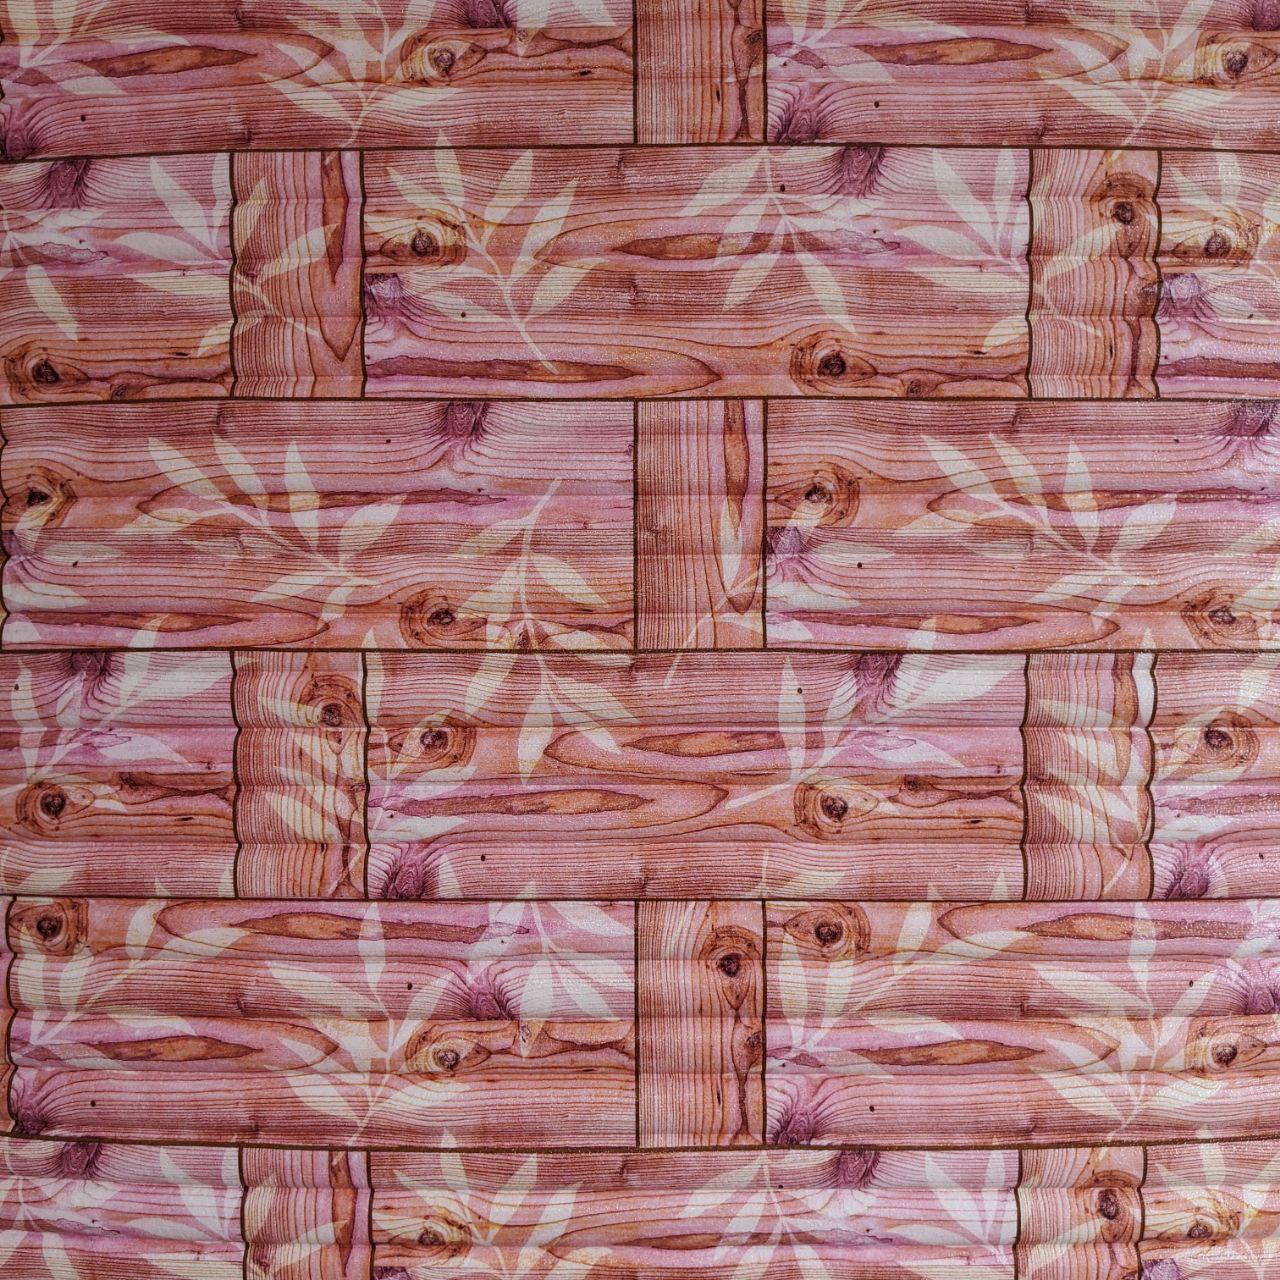 3д панель декоративная Бамбуковая кладка Оранжевая (самоклеющиеся пластиковые 3d панели бамбук) 700x700x8 мм